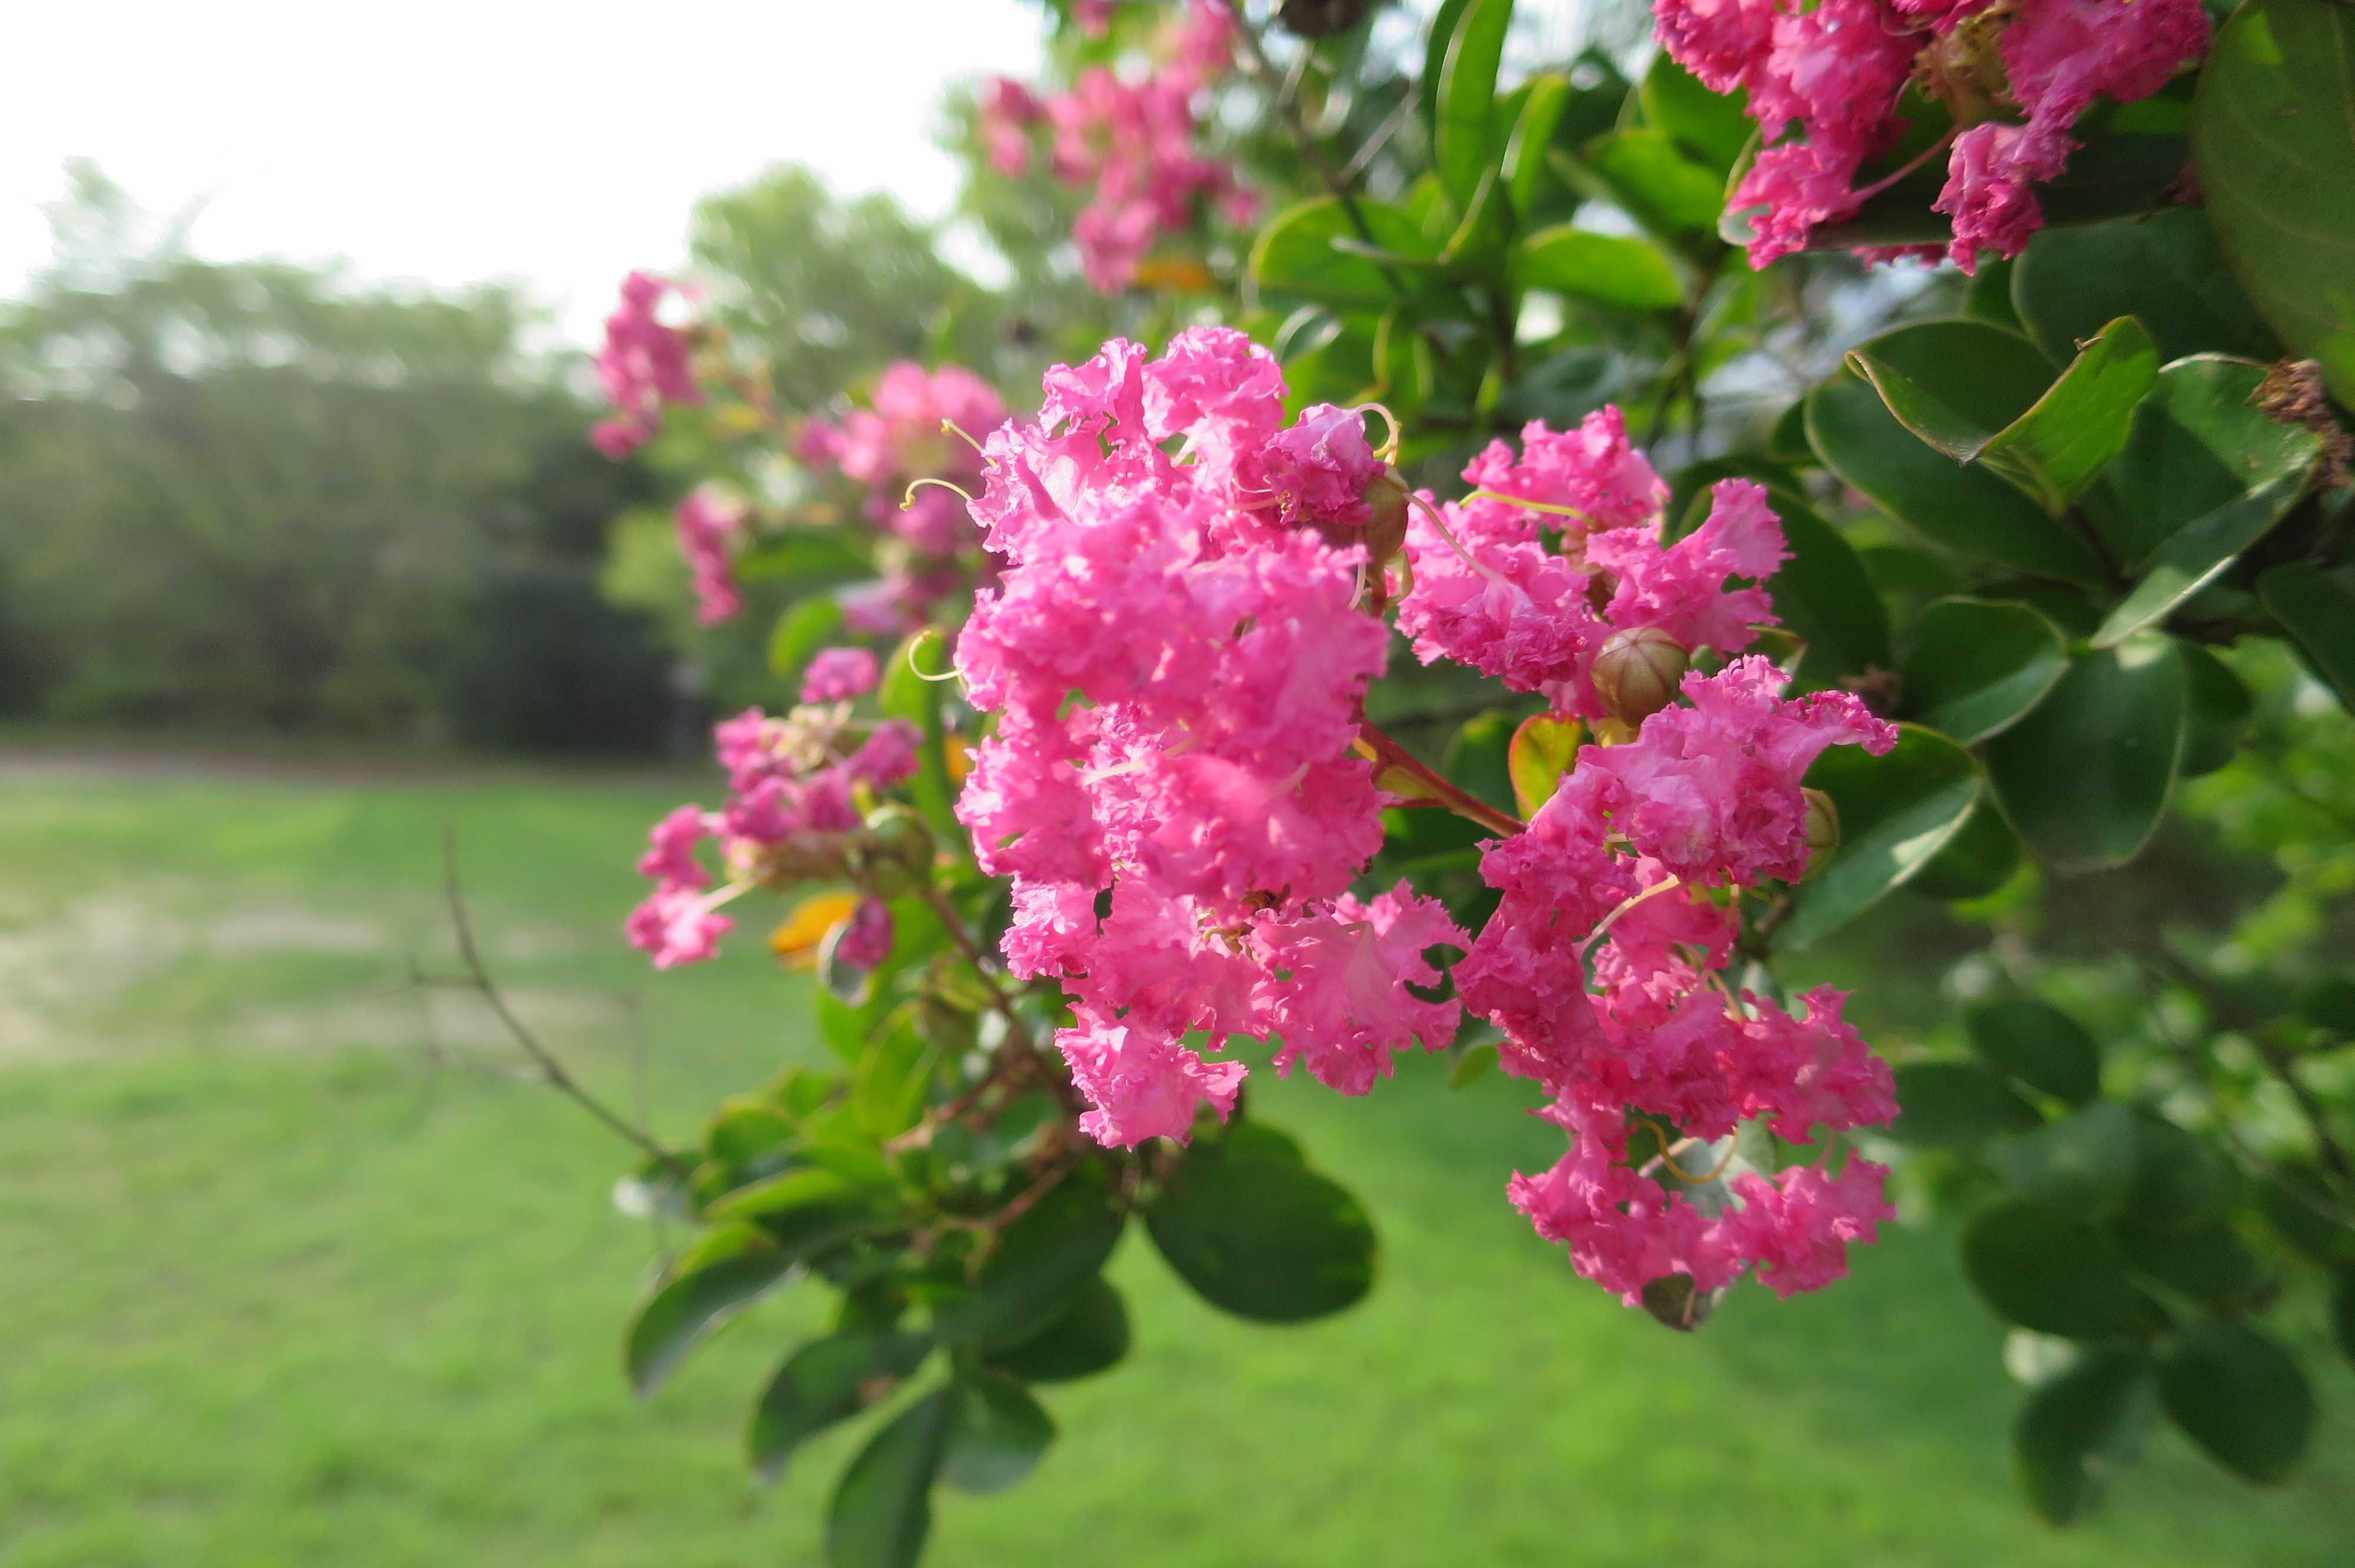 京都・崇仁地区 - さるすべりが美しく咲く鴨川沿いの広場(屋形町公園)